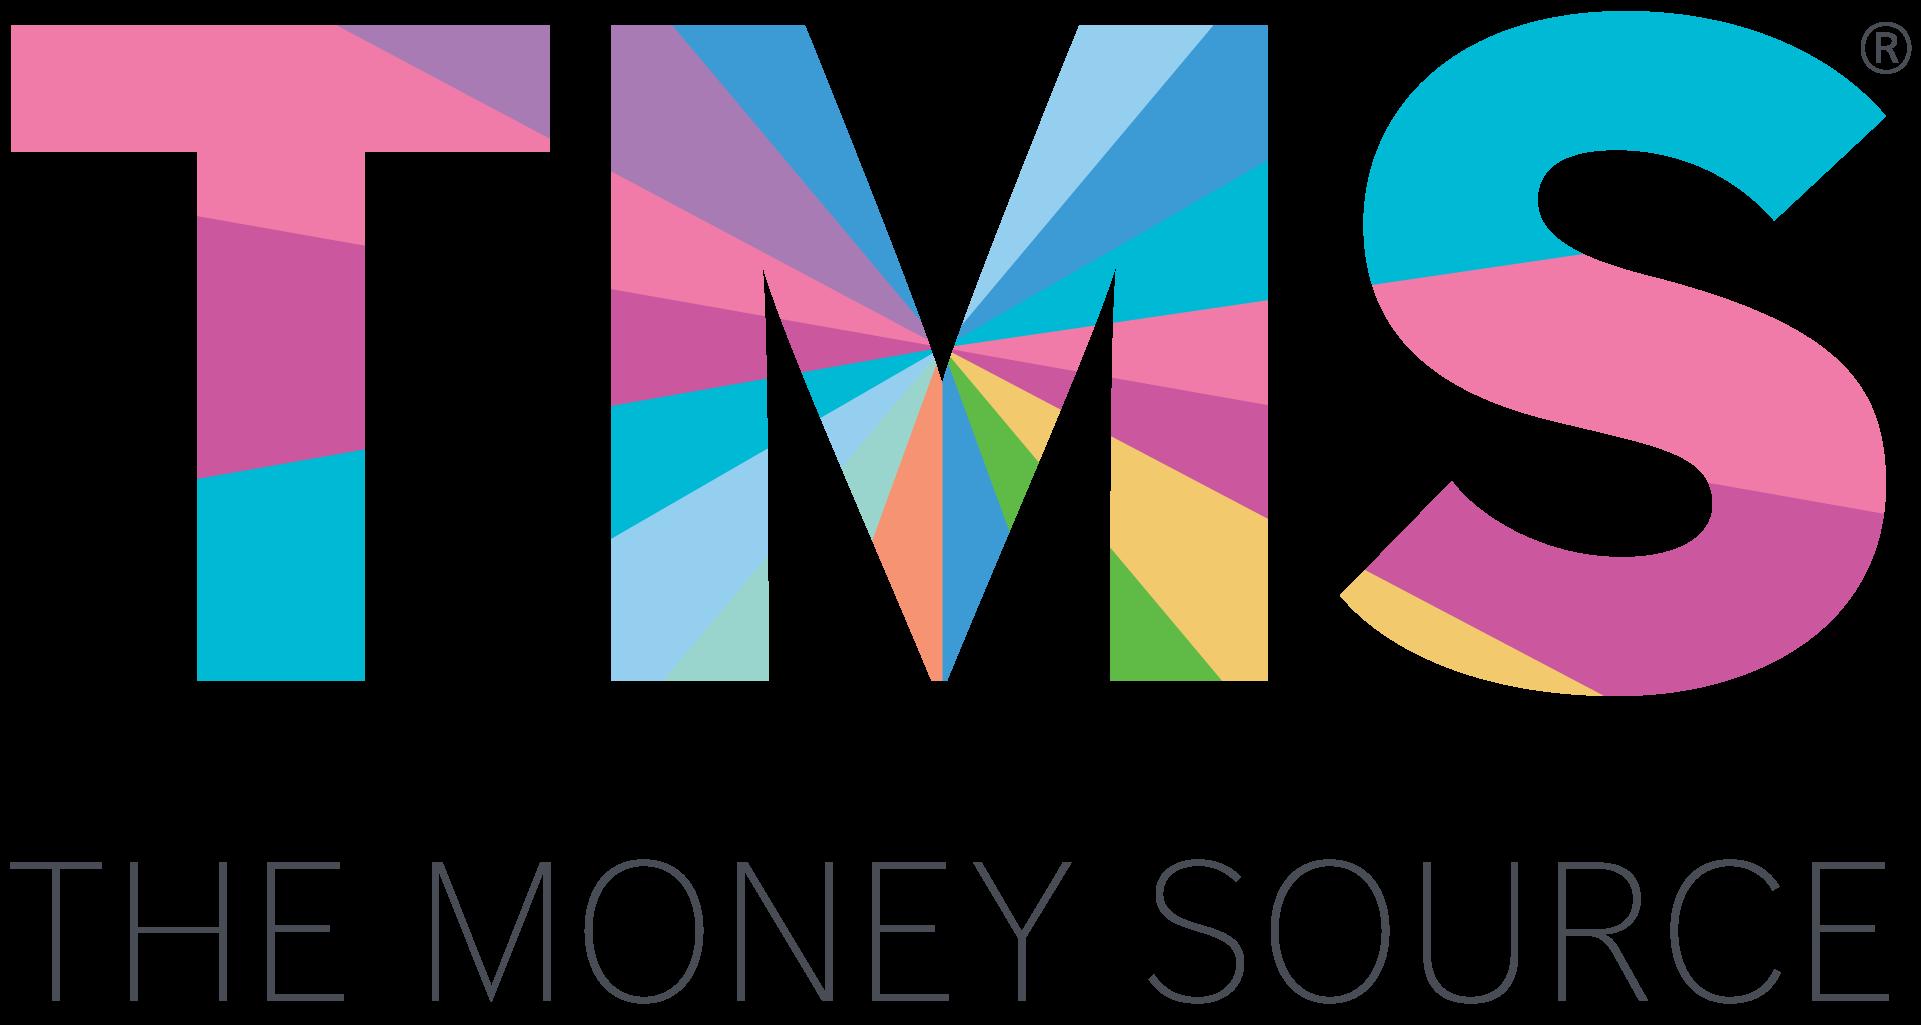 tms-logo-rgb.png - 76.5 kB